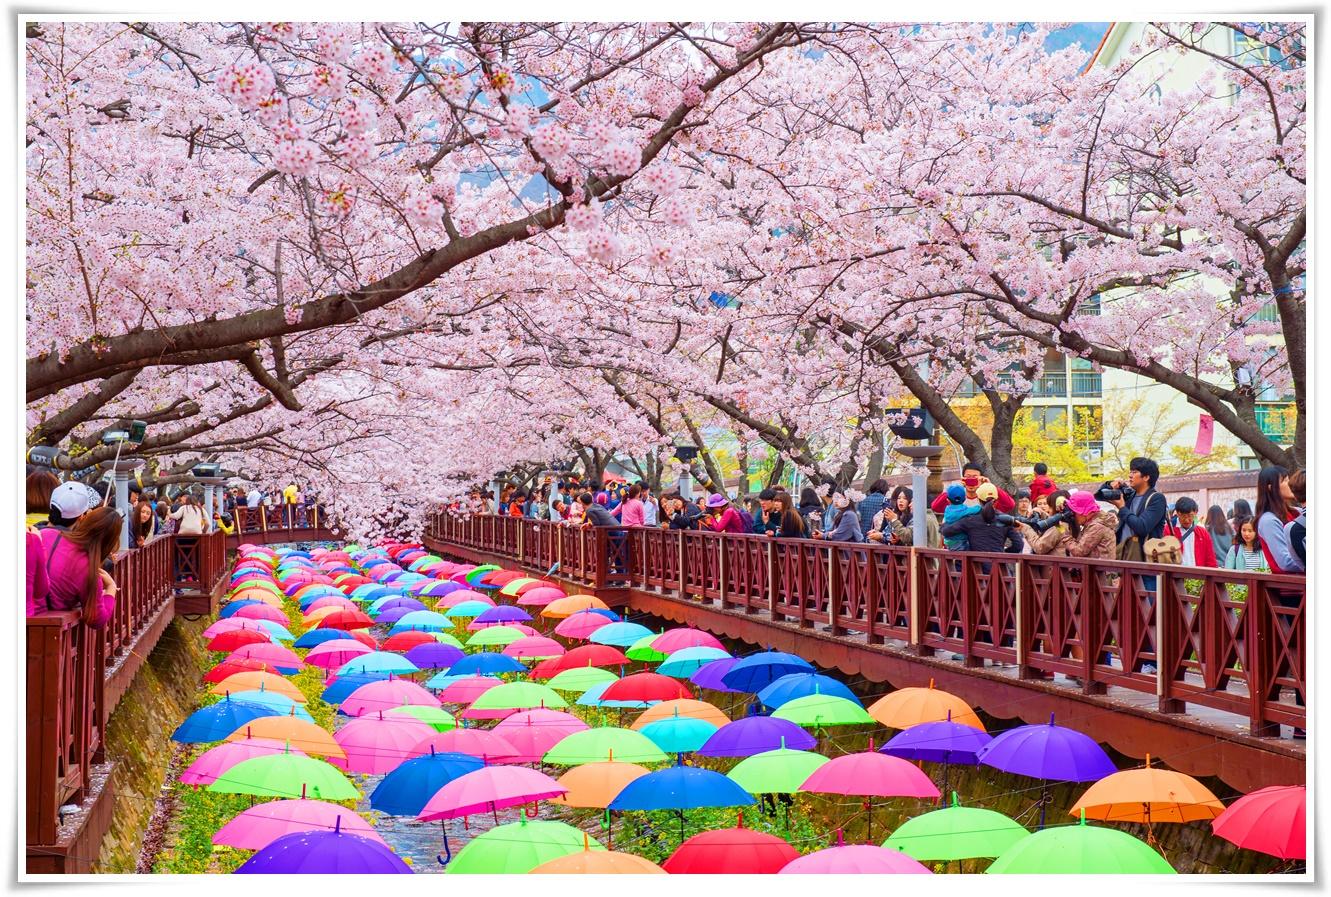 ทัวร์เกาหลี-BUSAN-PLUS-+-SPECIAL-BLOSSOM-4วัน-2คืน-(MAR-APR19)